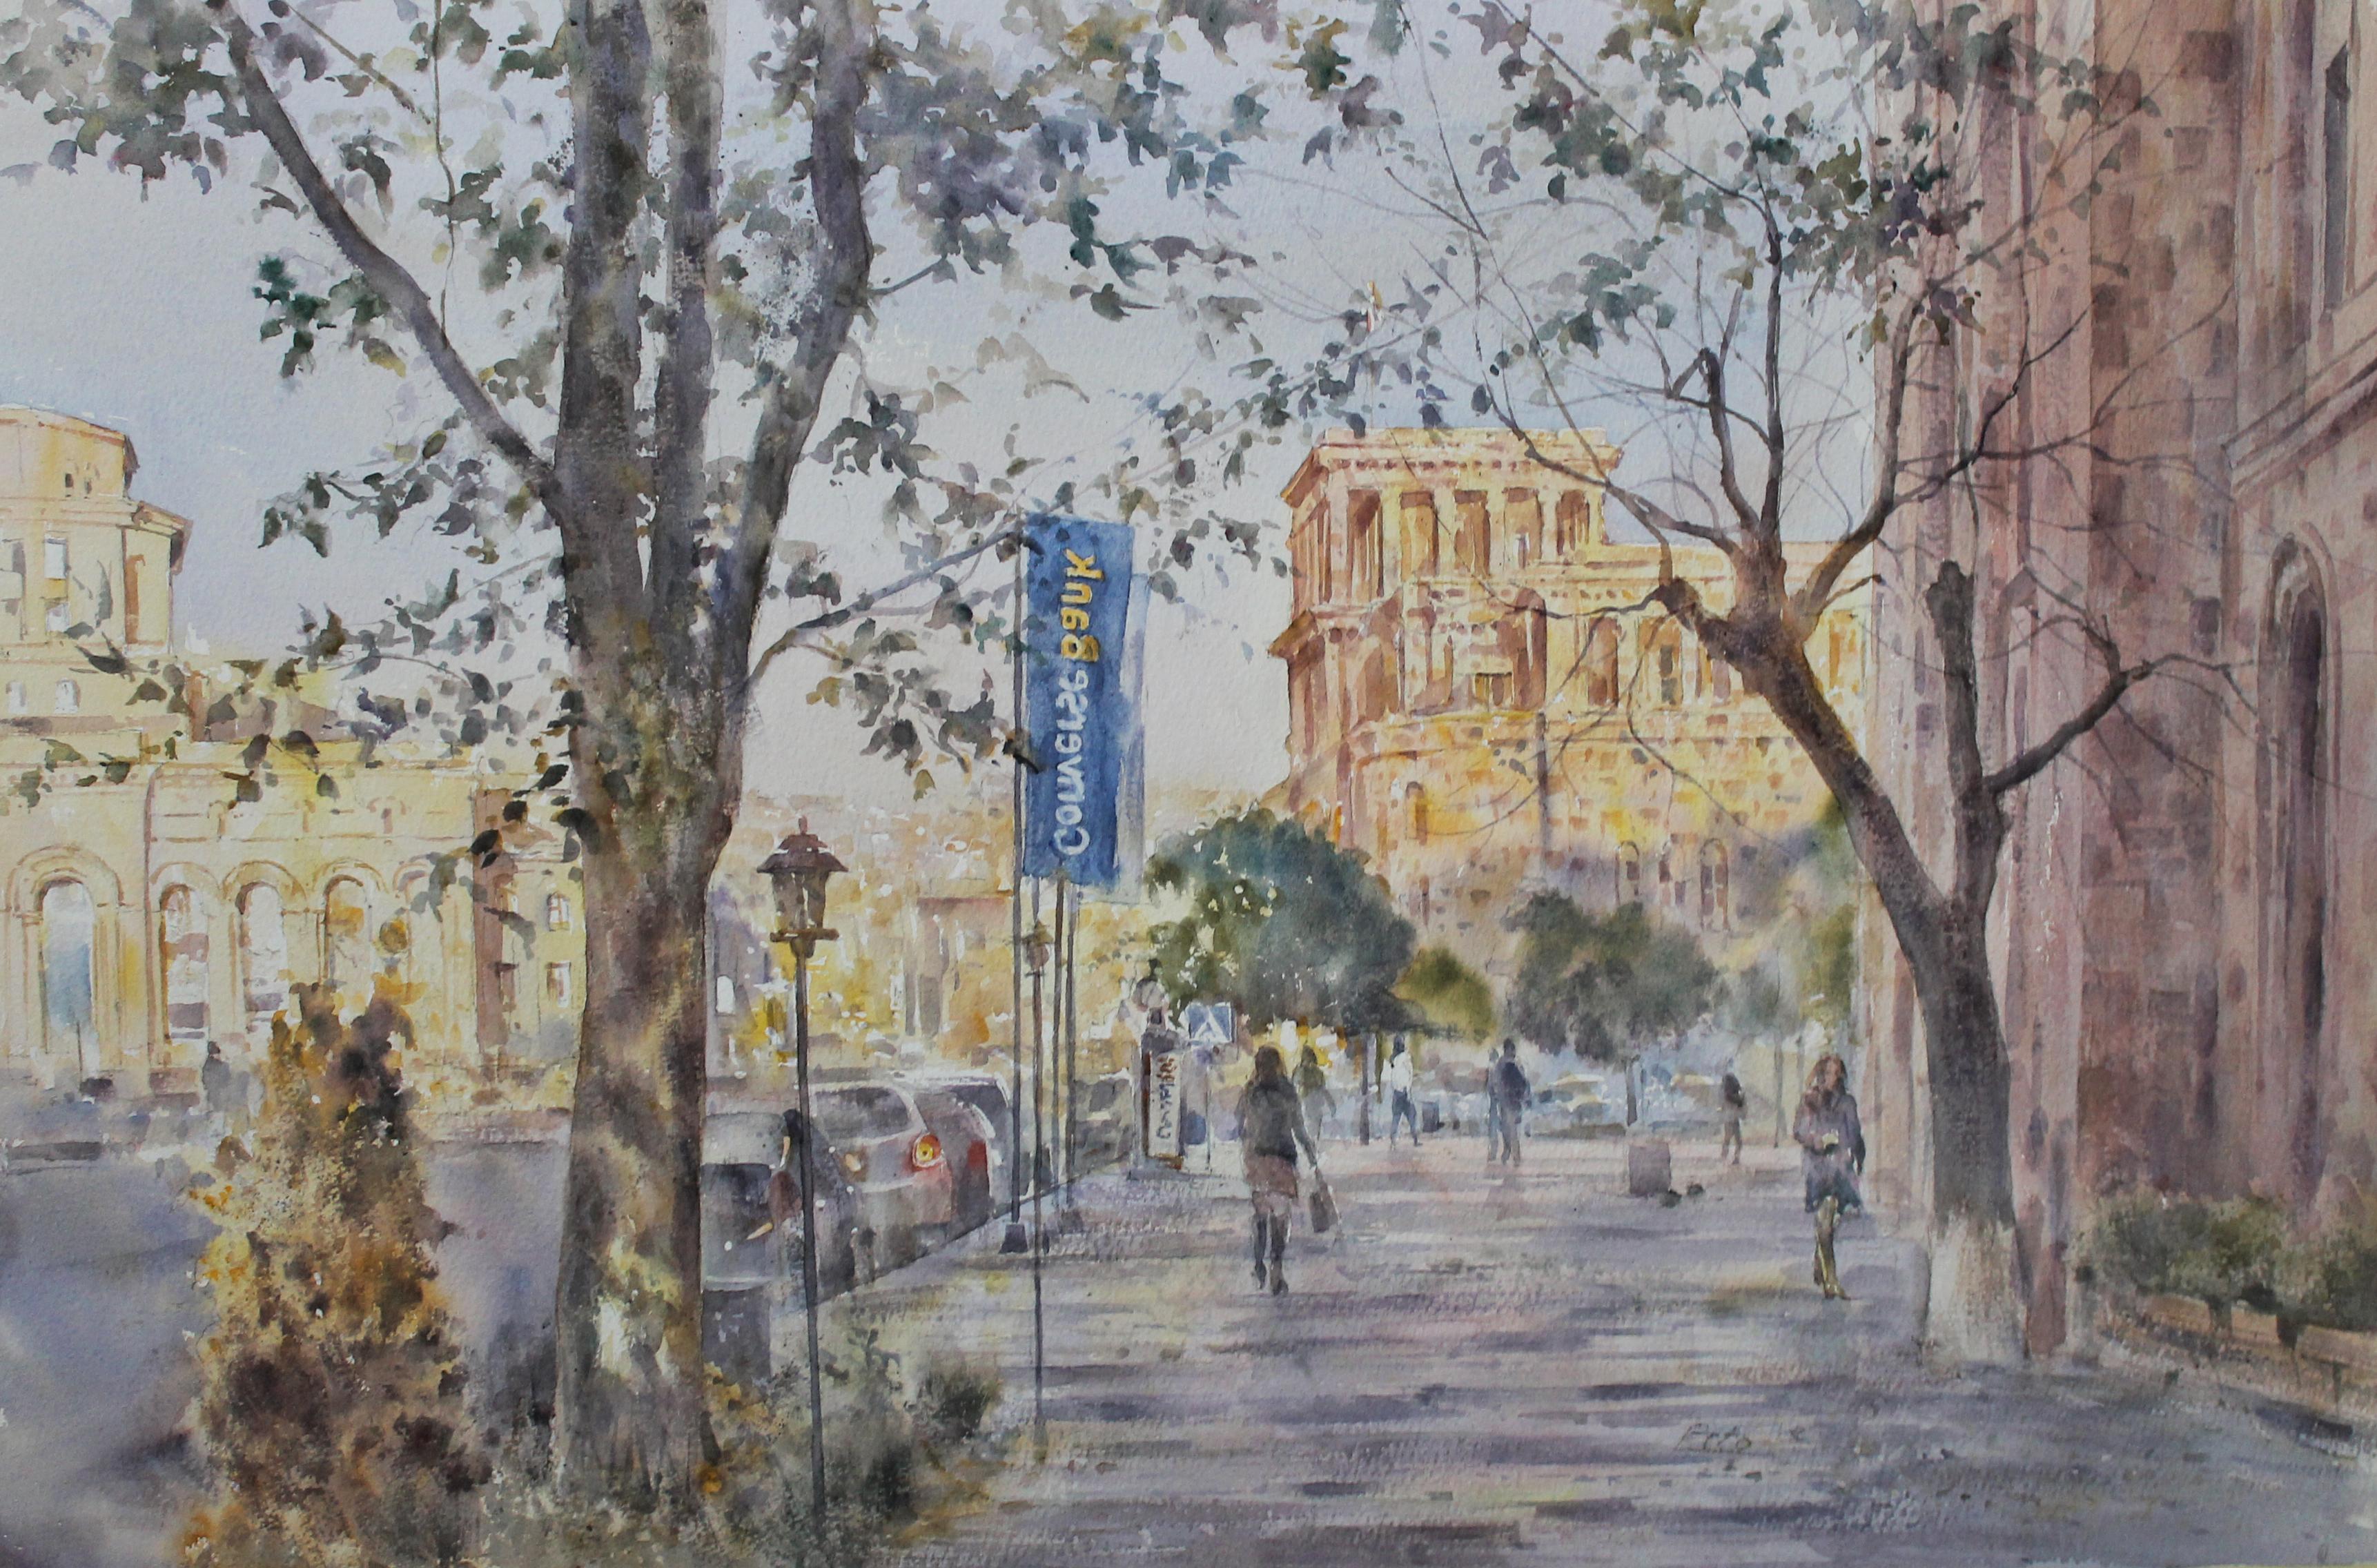 Կոնվերս Բանկ. մեկնարկել է Պետո Պողոսյանի գեղանկարների ցուցադրությունը բանկի գլխամասում